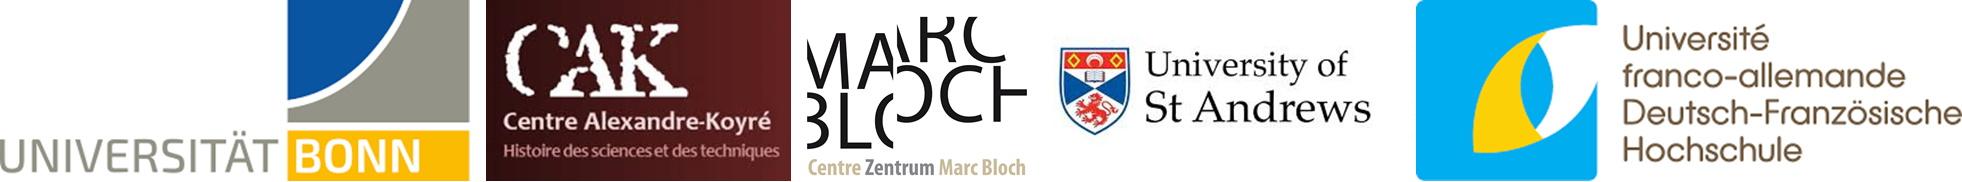 brochette_logo2.jpg